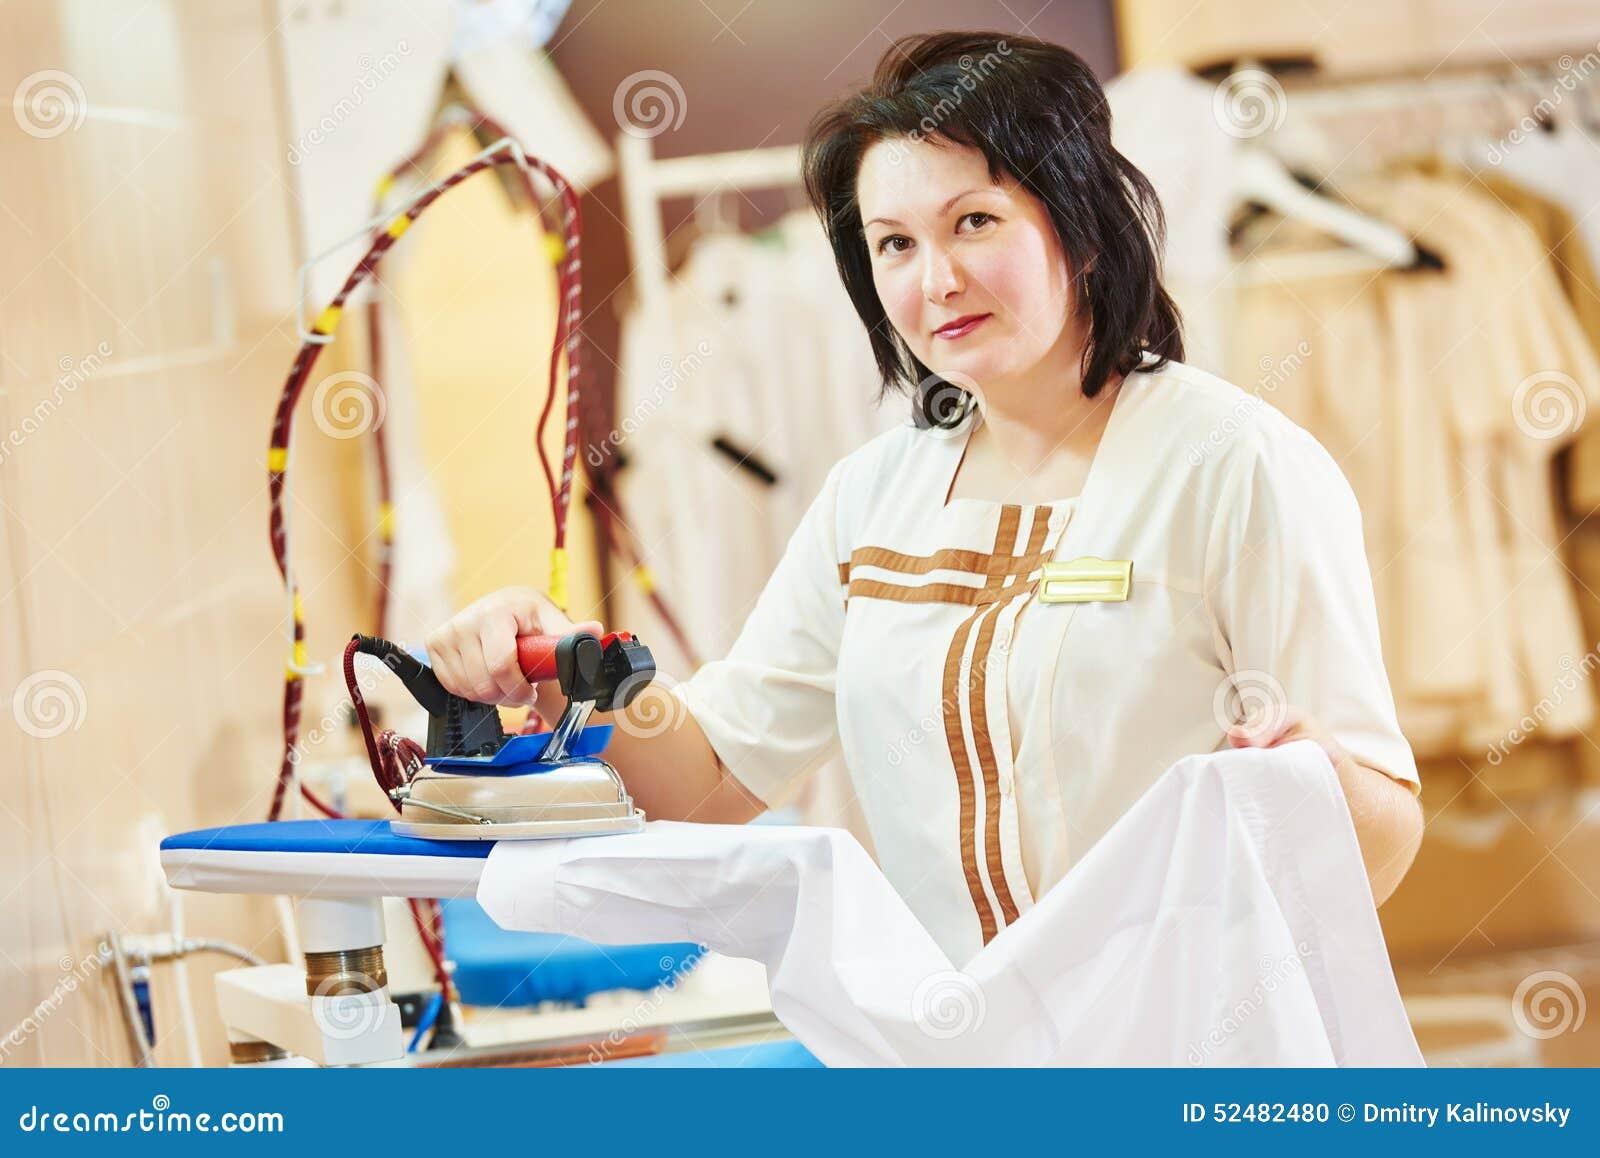 Ironing Service Stock Photo Image 52482480